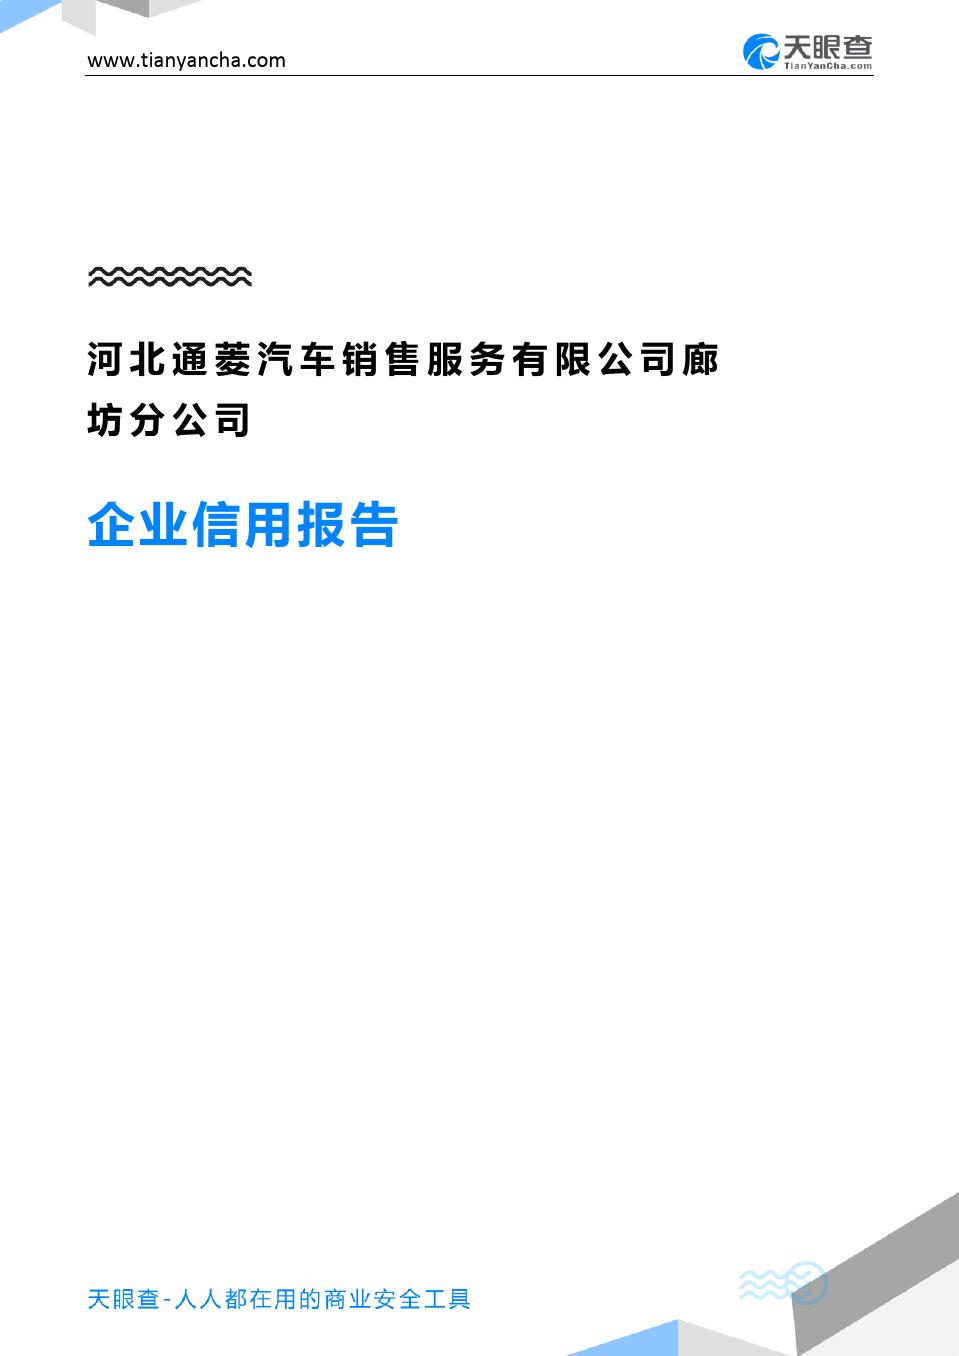 河北通菱汽车销售服务有限公司廊坊分公司企业信用报告-天眼查